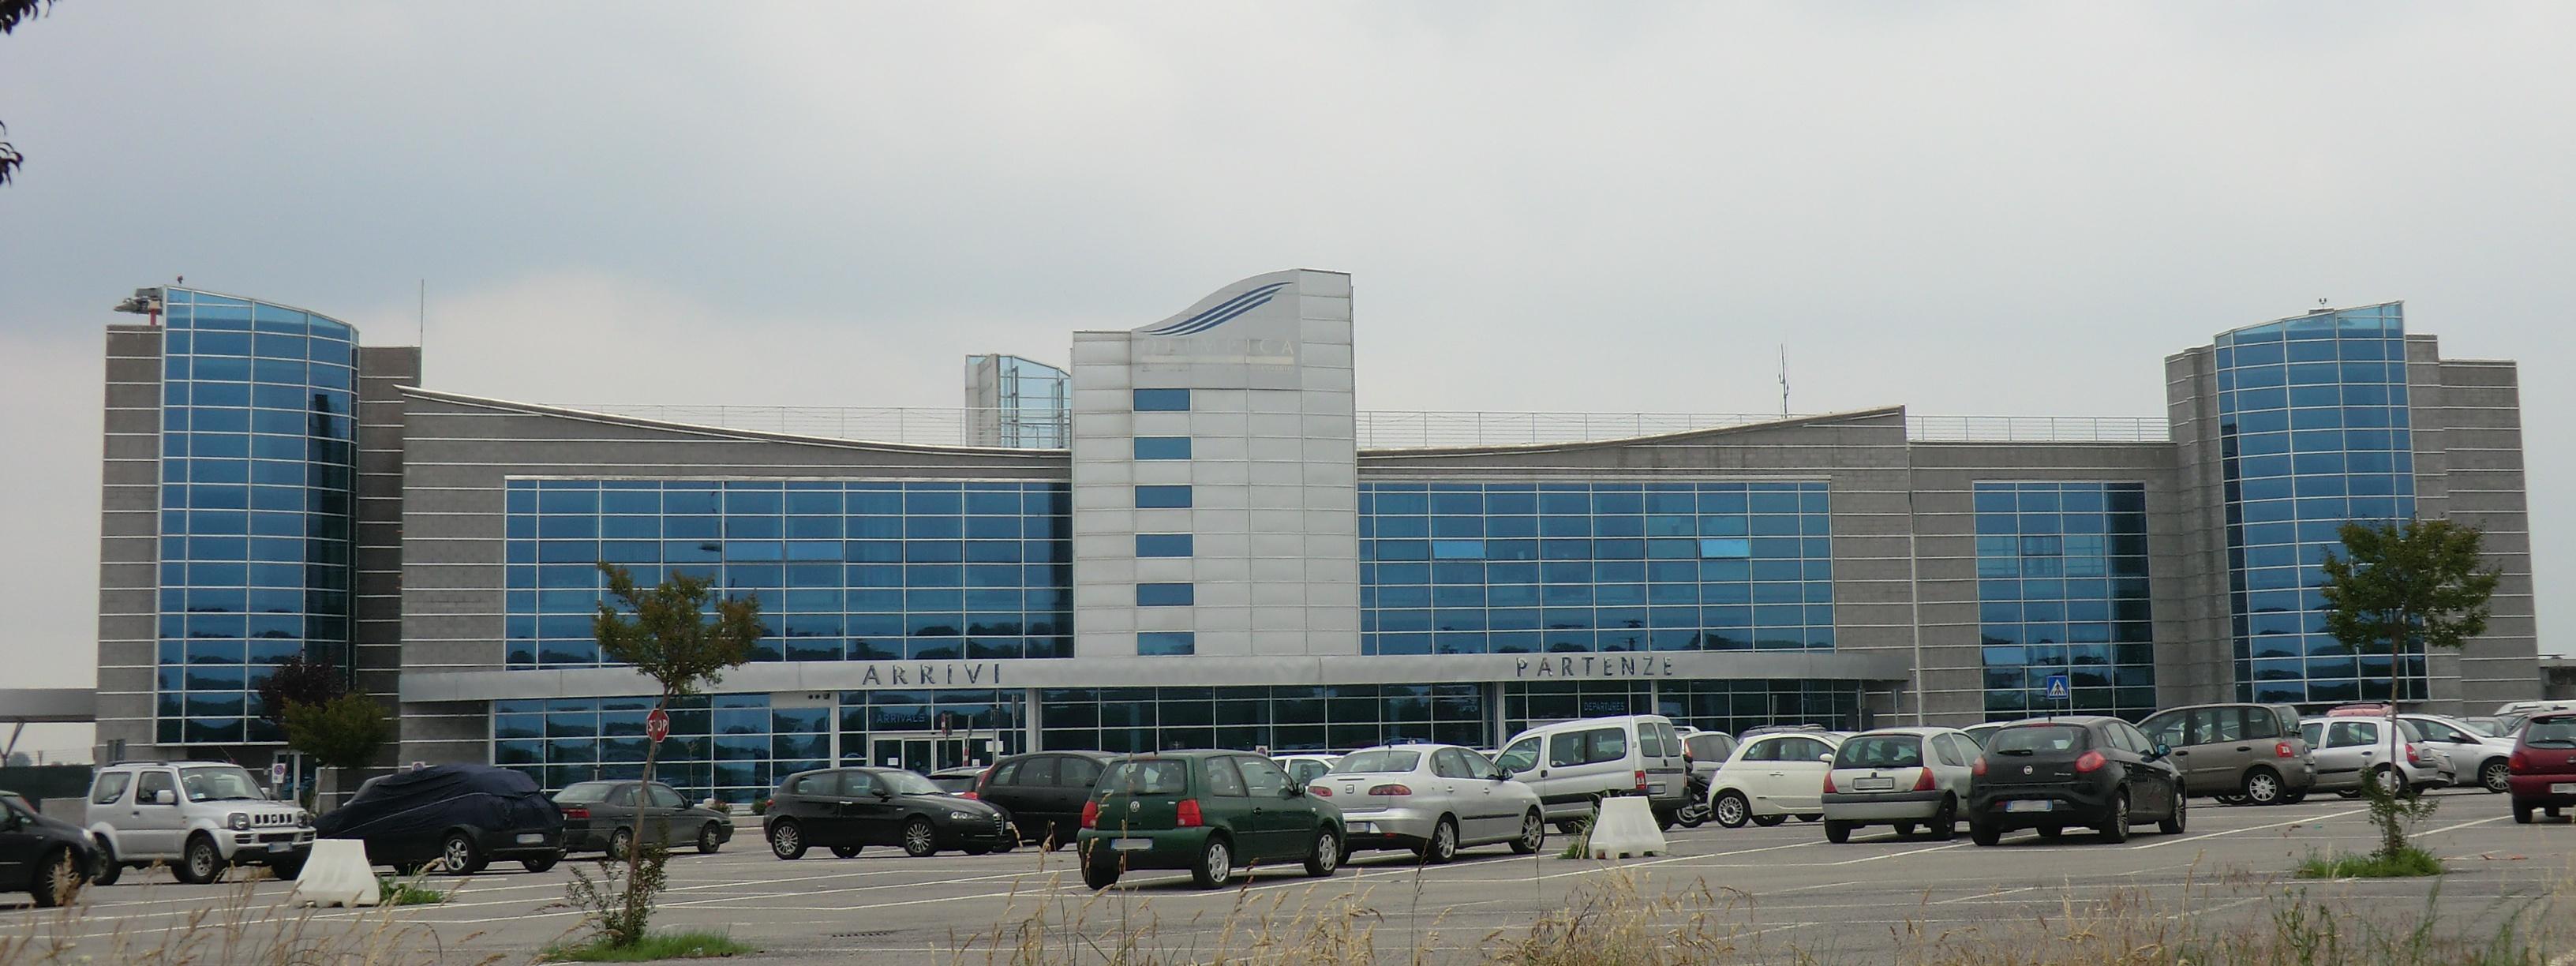 Aeroporto Bari : Aroporto di cuneo sospeso per agosto il volo bari cuneo lourdes